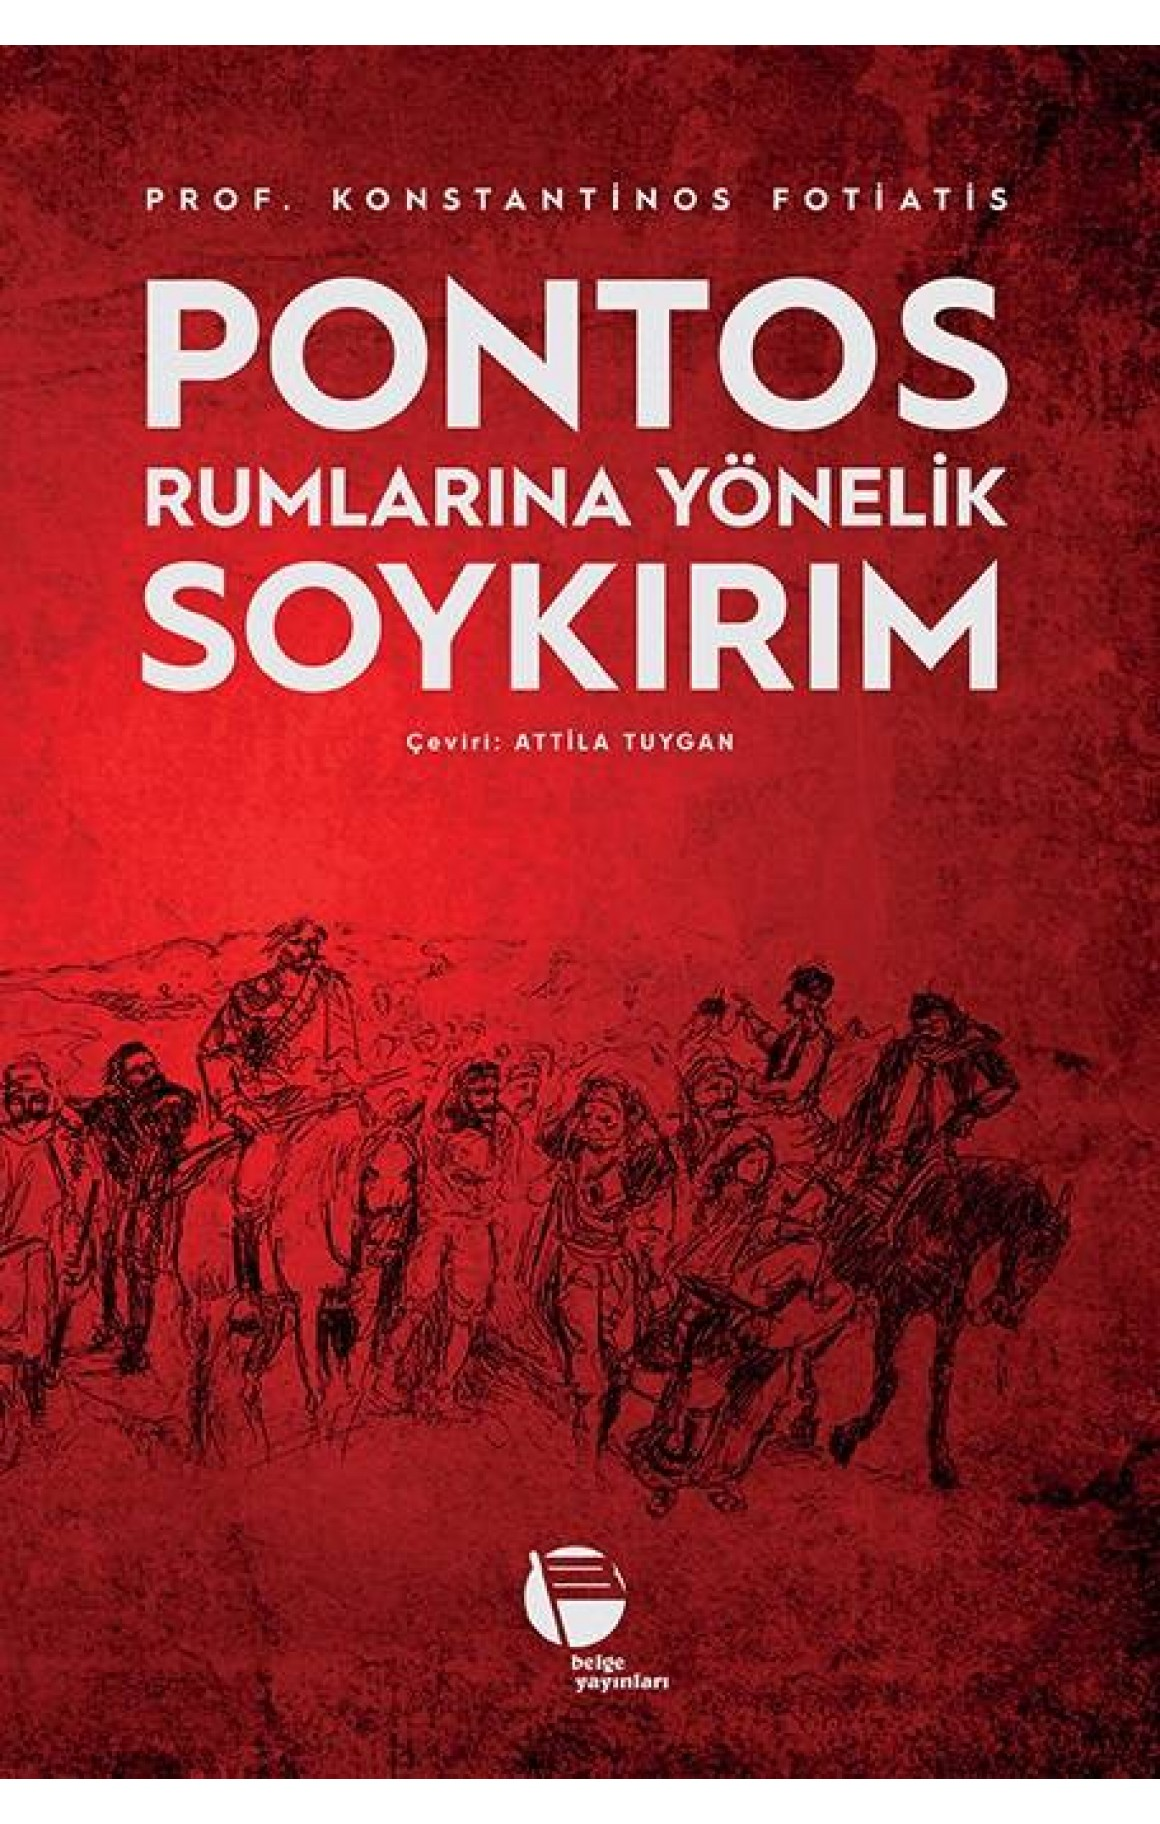 Pontos Rumlarına Yönelik Soykırım